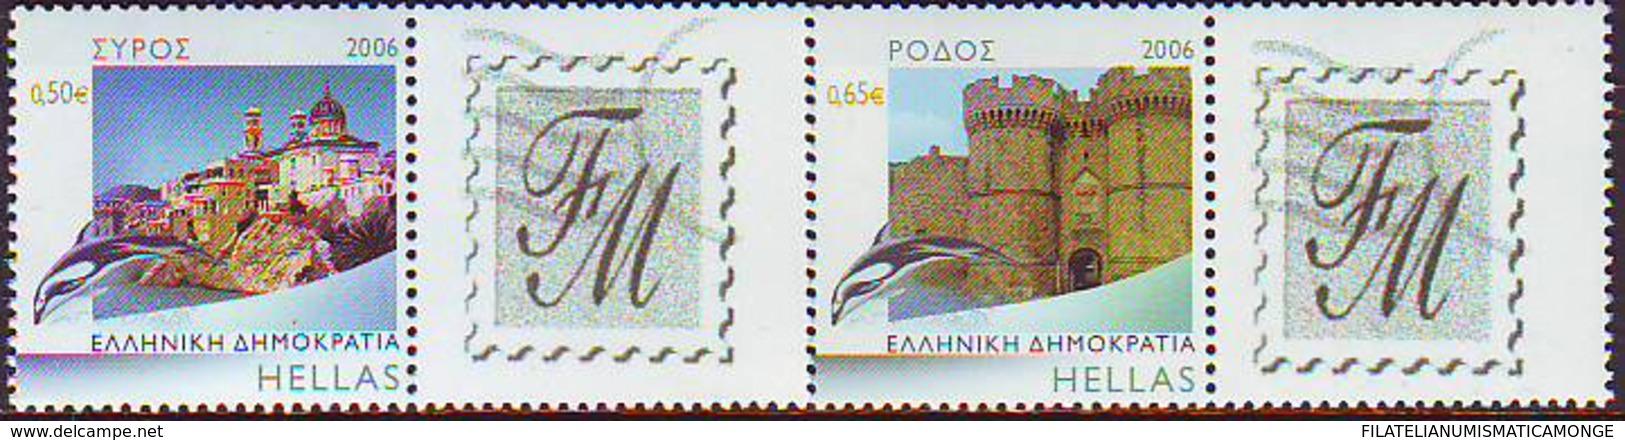 Grecia 2006 Correo 2350/51 Syros Y Rodas Personalizados (2s)  **/MNH - Greece